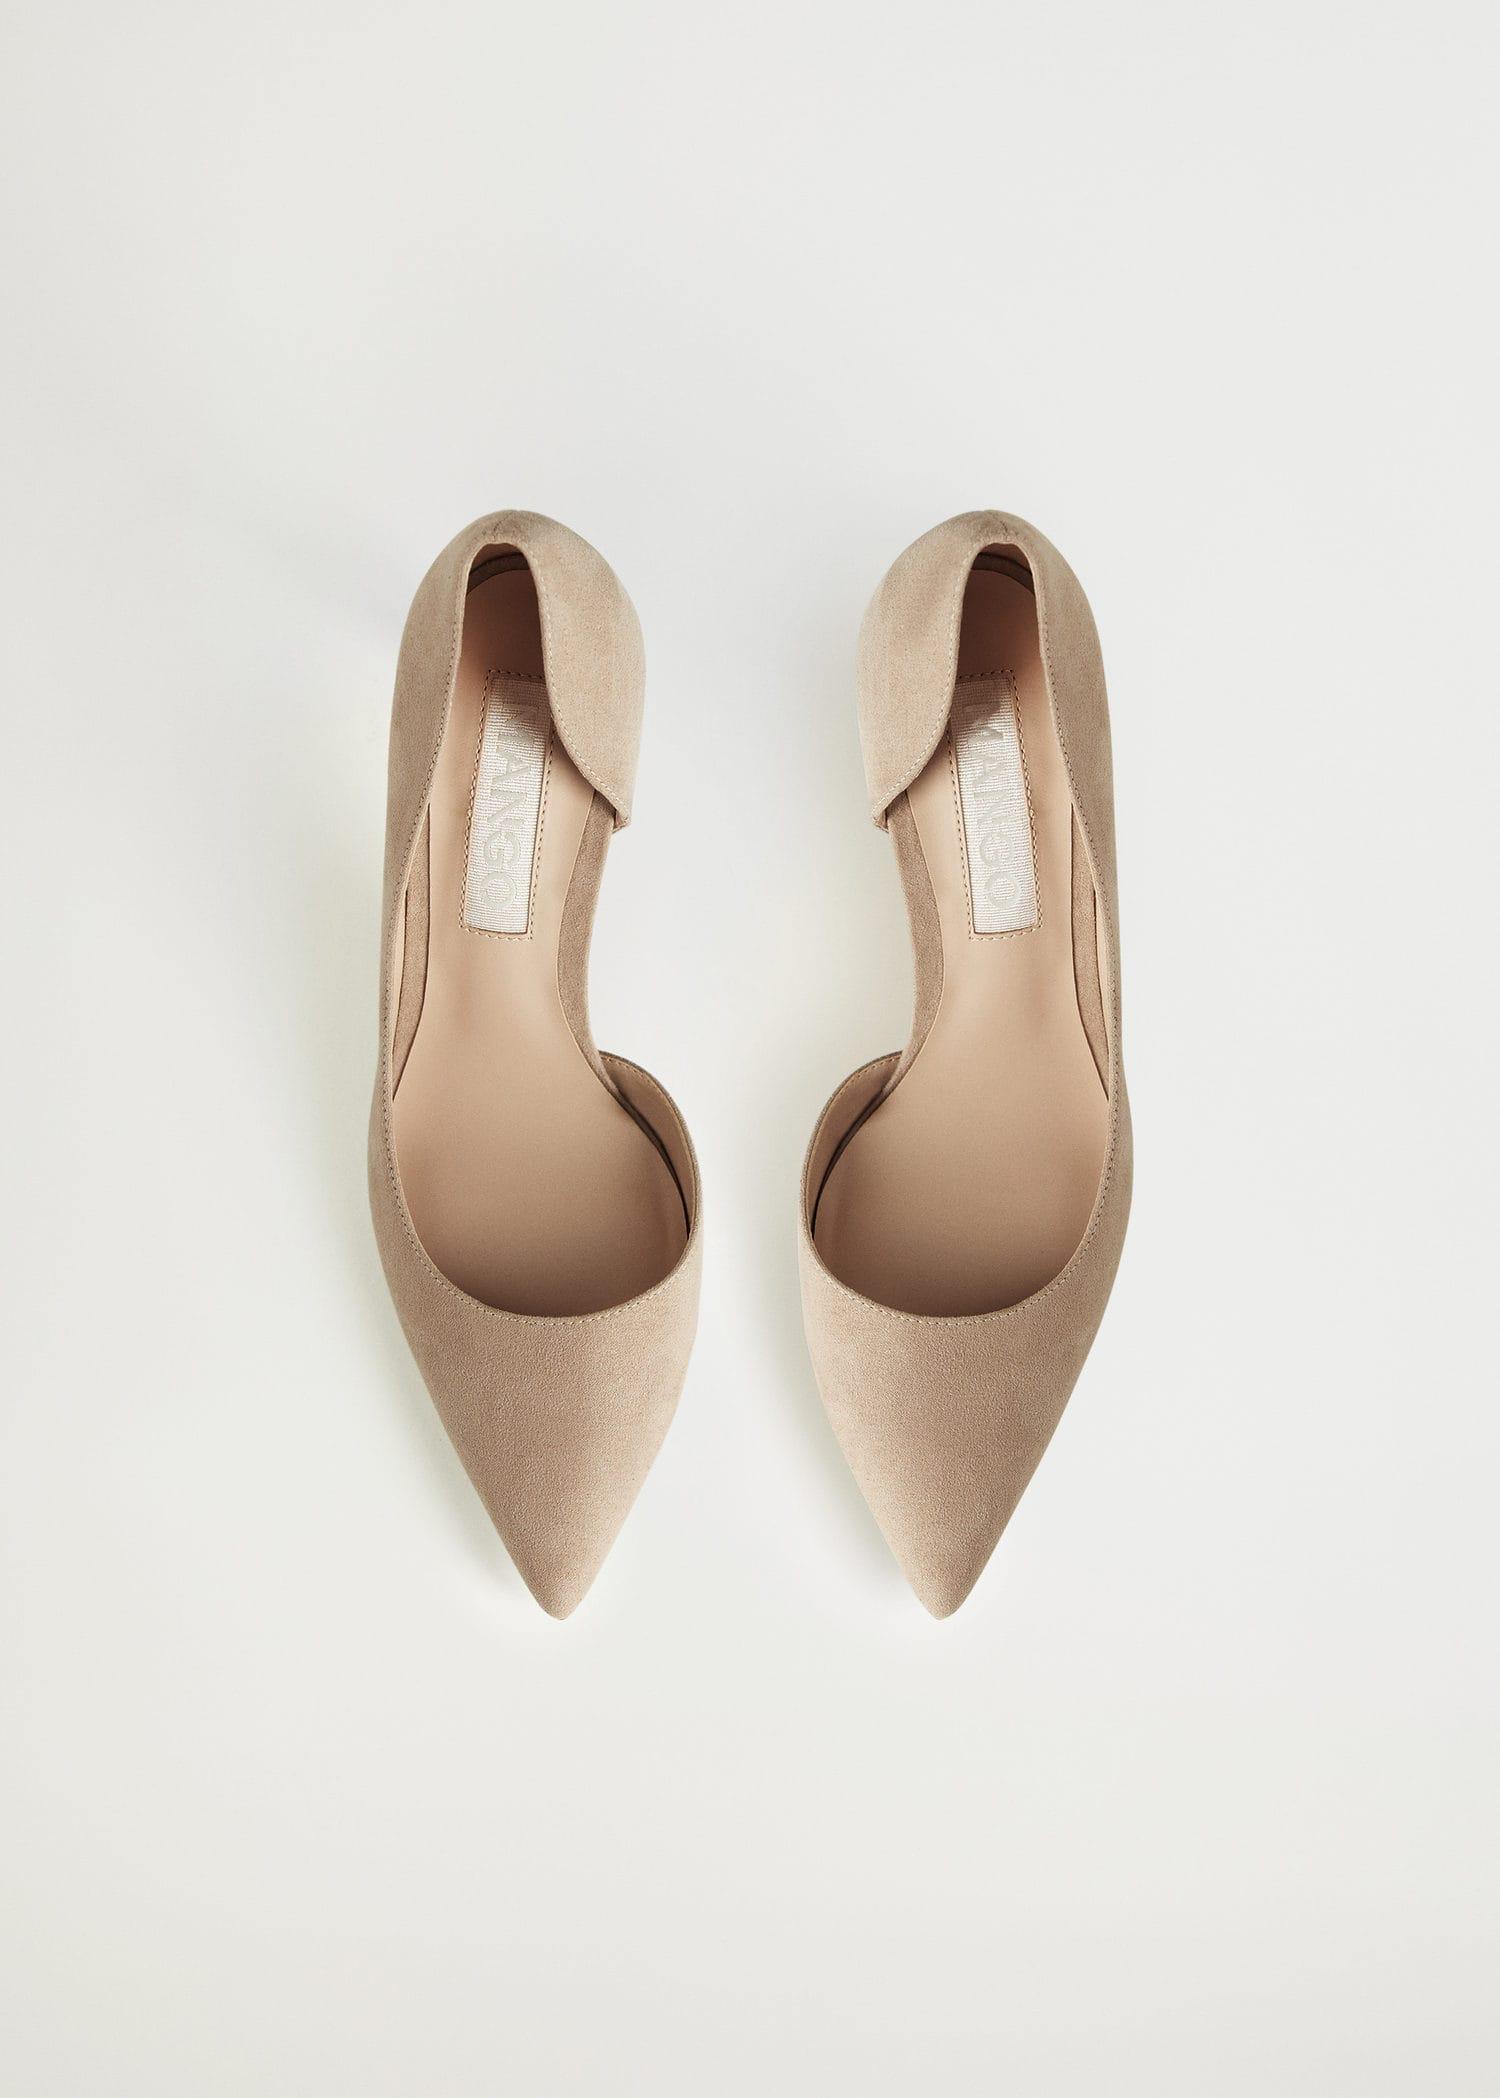 Zapato salón asimétrico Mujer | Mango España